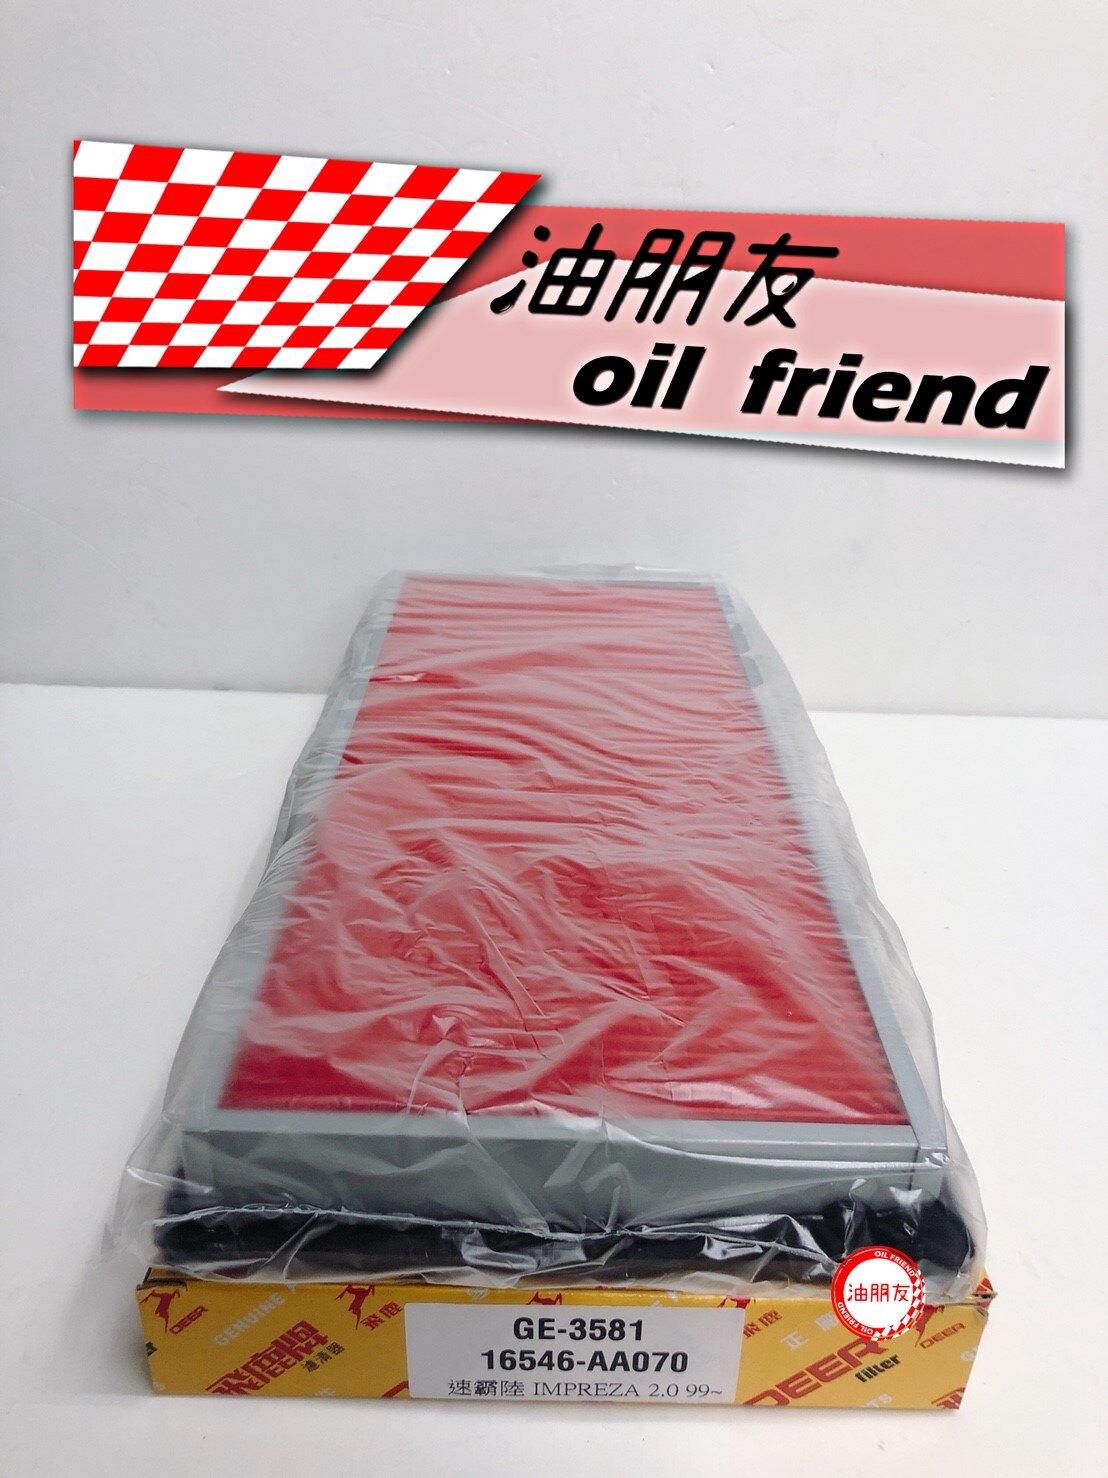 -油朋友-   飛鹿 IMPREZA 2.0 99- 空氣濾網 空濾 空氣心 空氣芯 GE3581 空氣濾芯 引擎室進氣